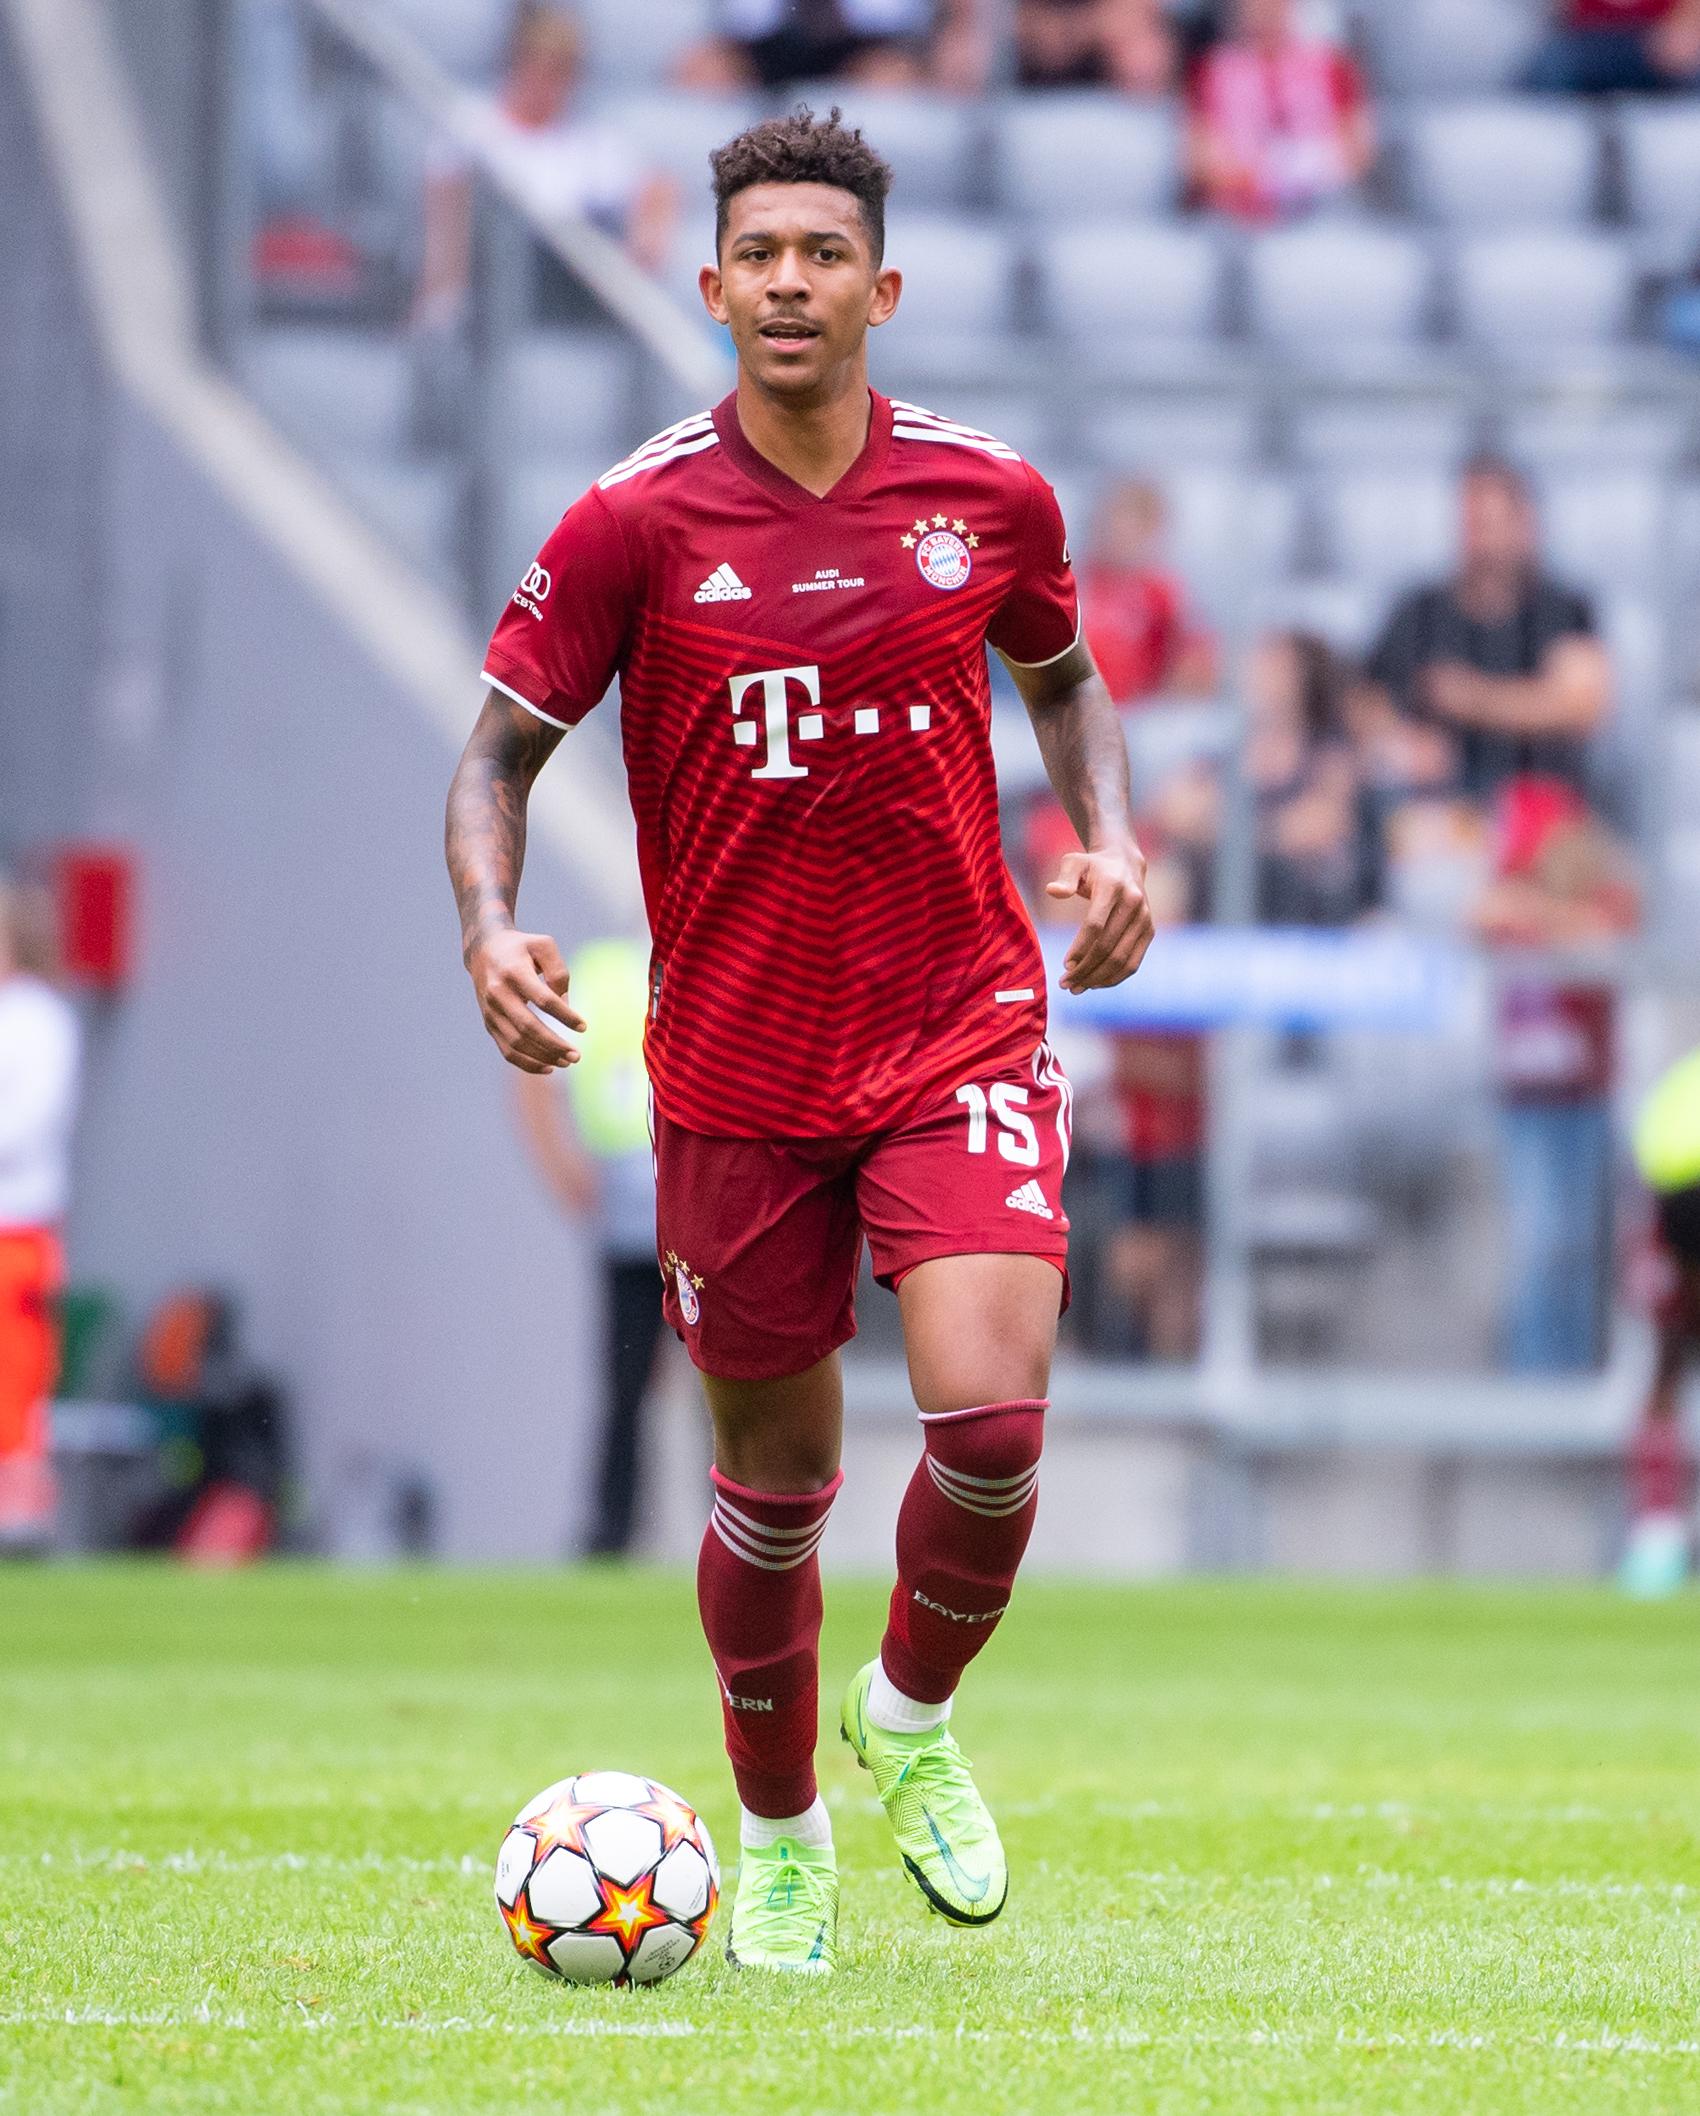 FC Bayern Munich - SSC Napoli